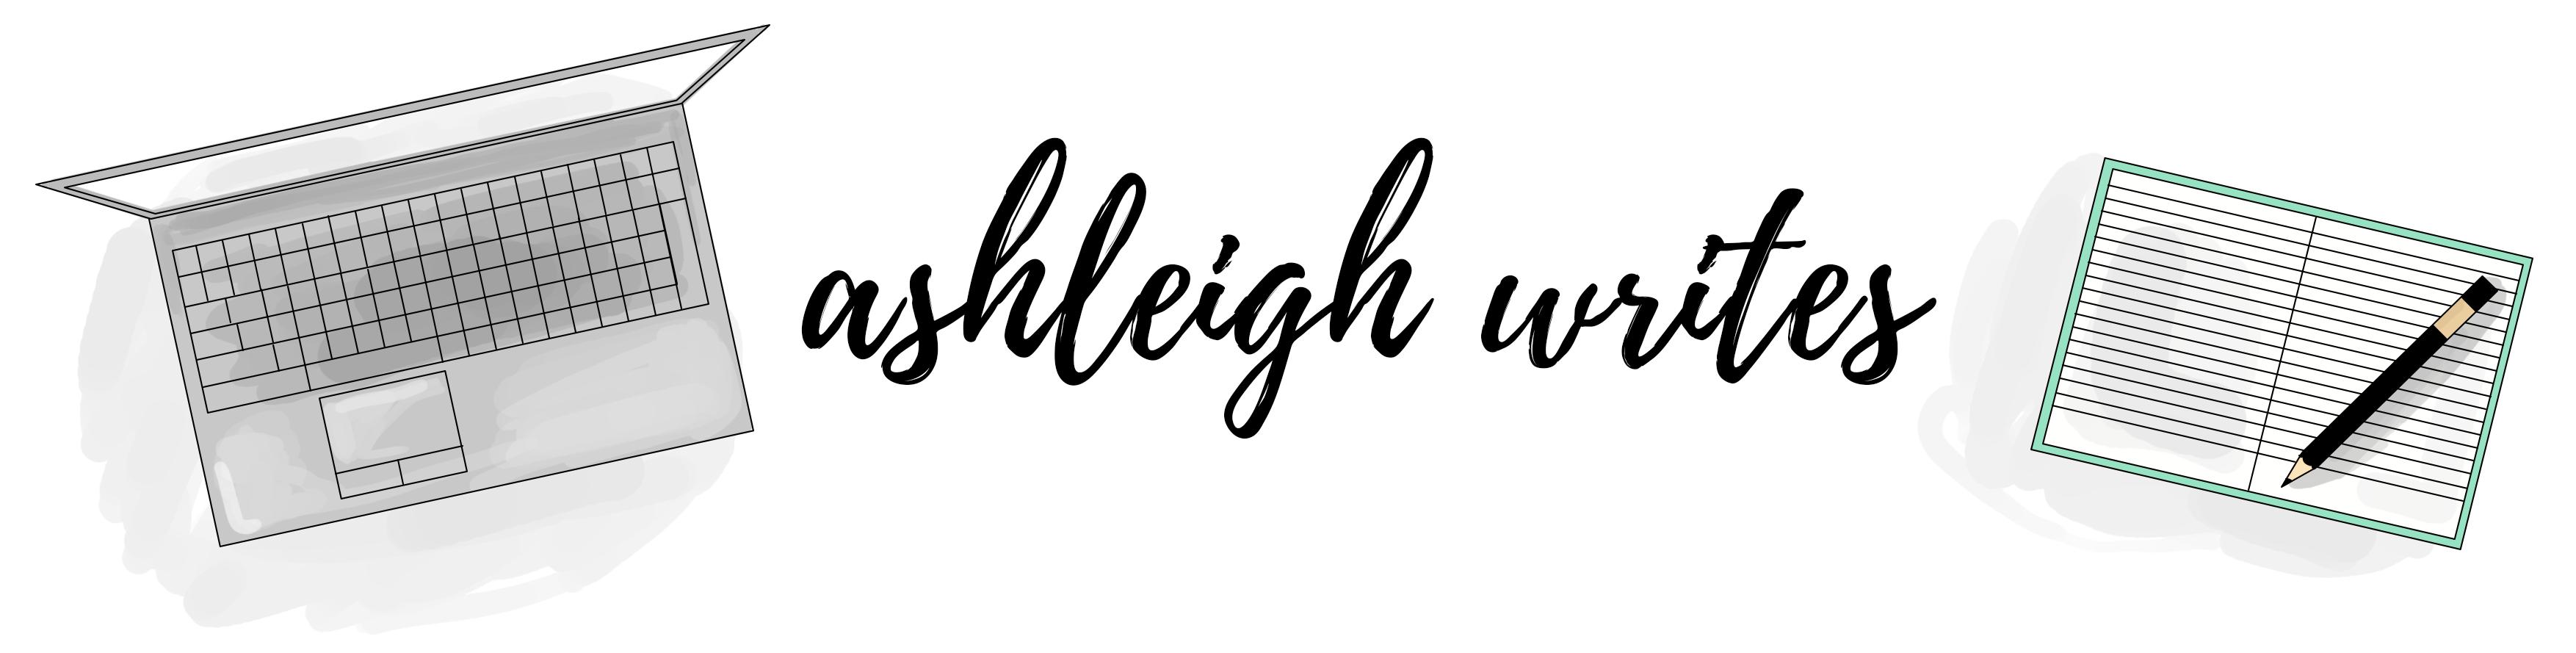 Ashleigh Writes